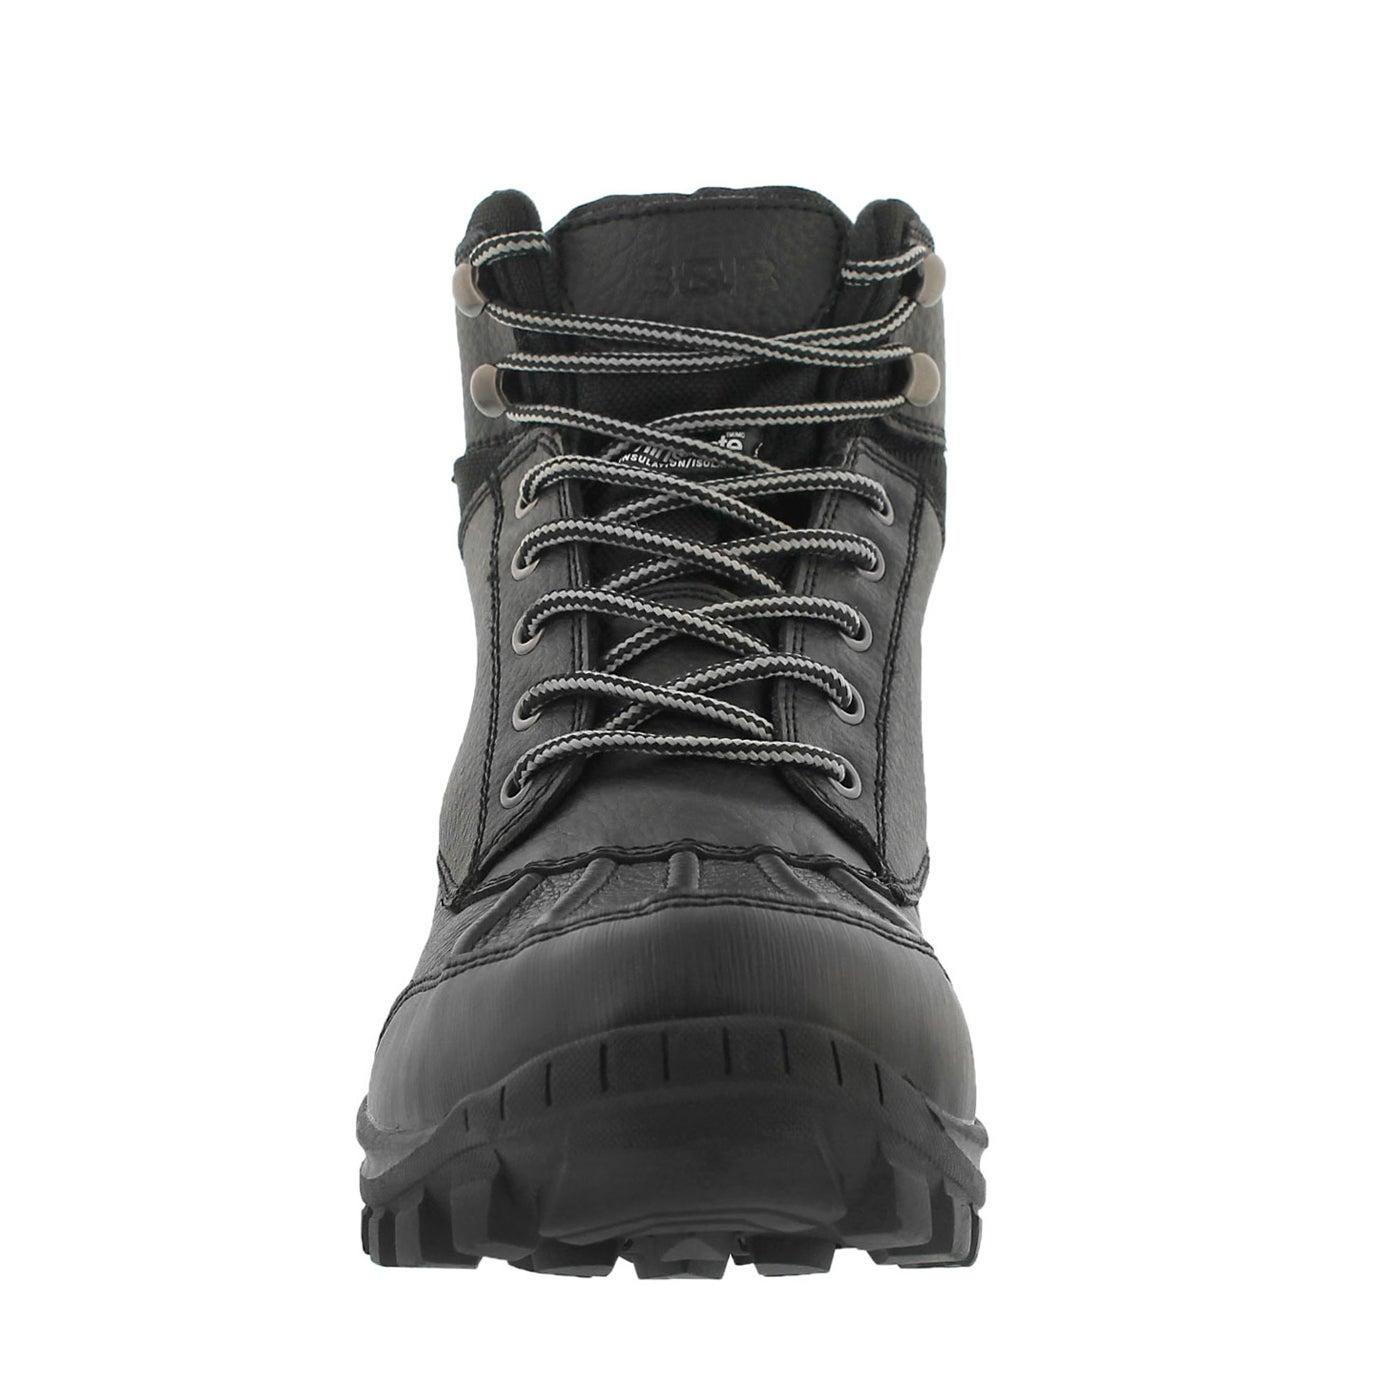 Mns Marco blk waterproof winter boot